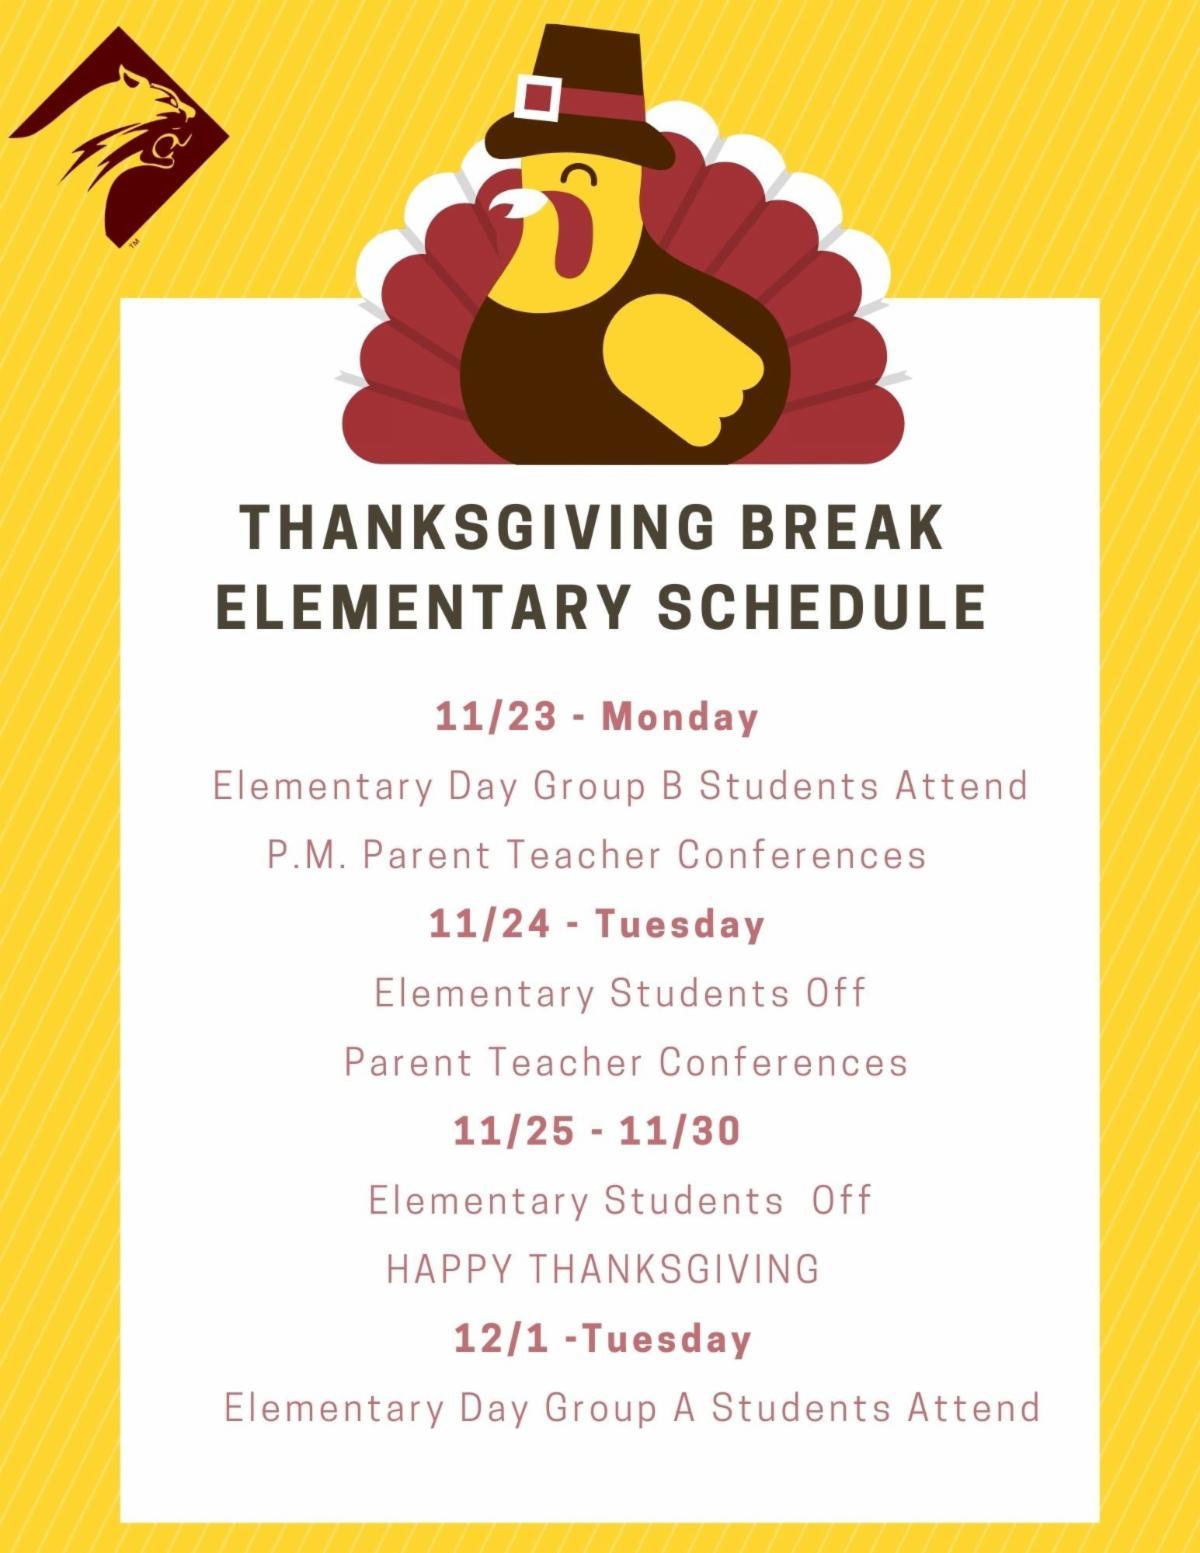 Elementary Thanksgiving Schedule